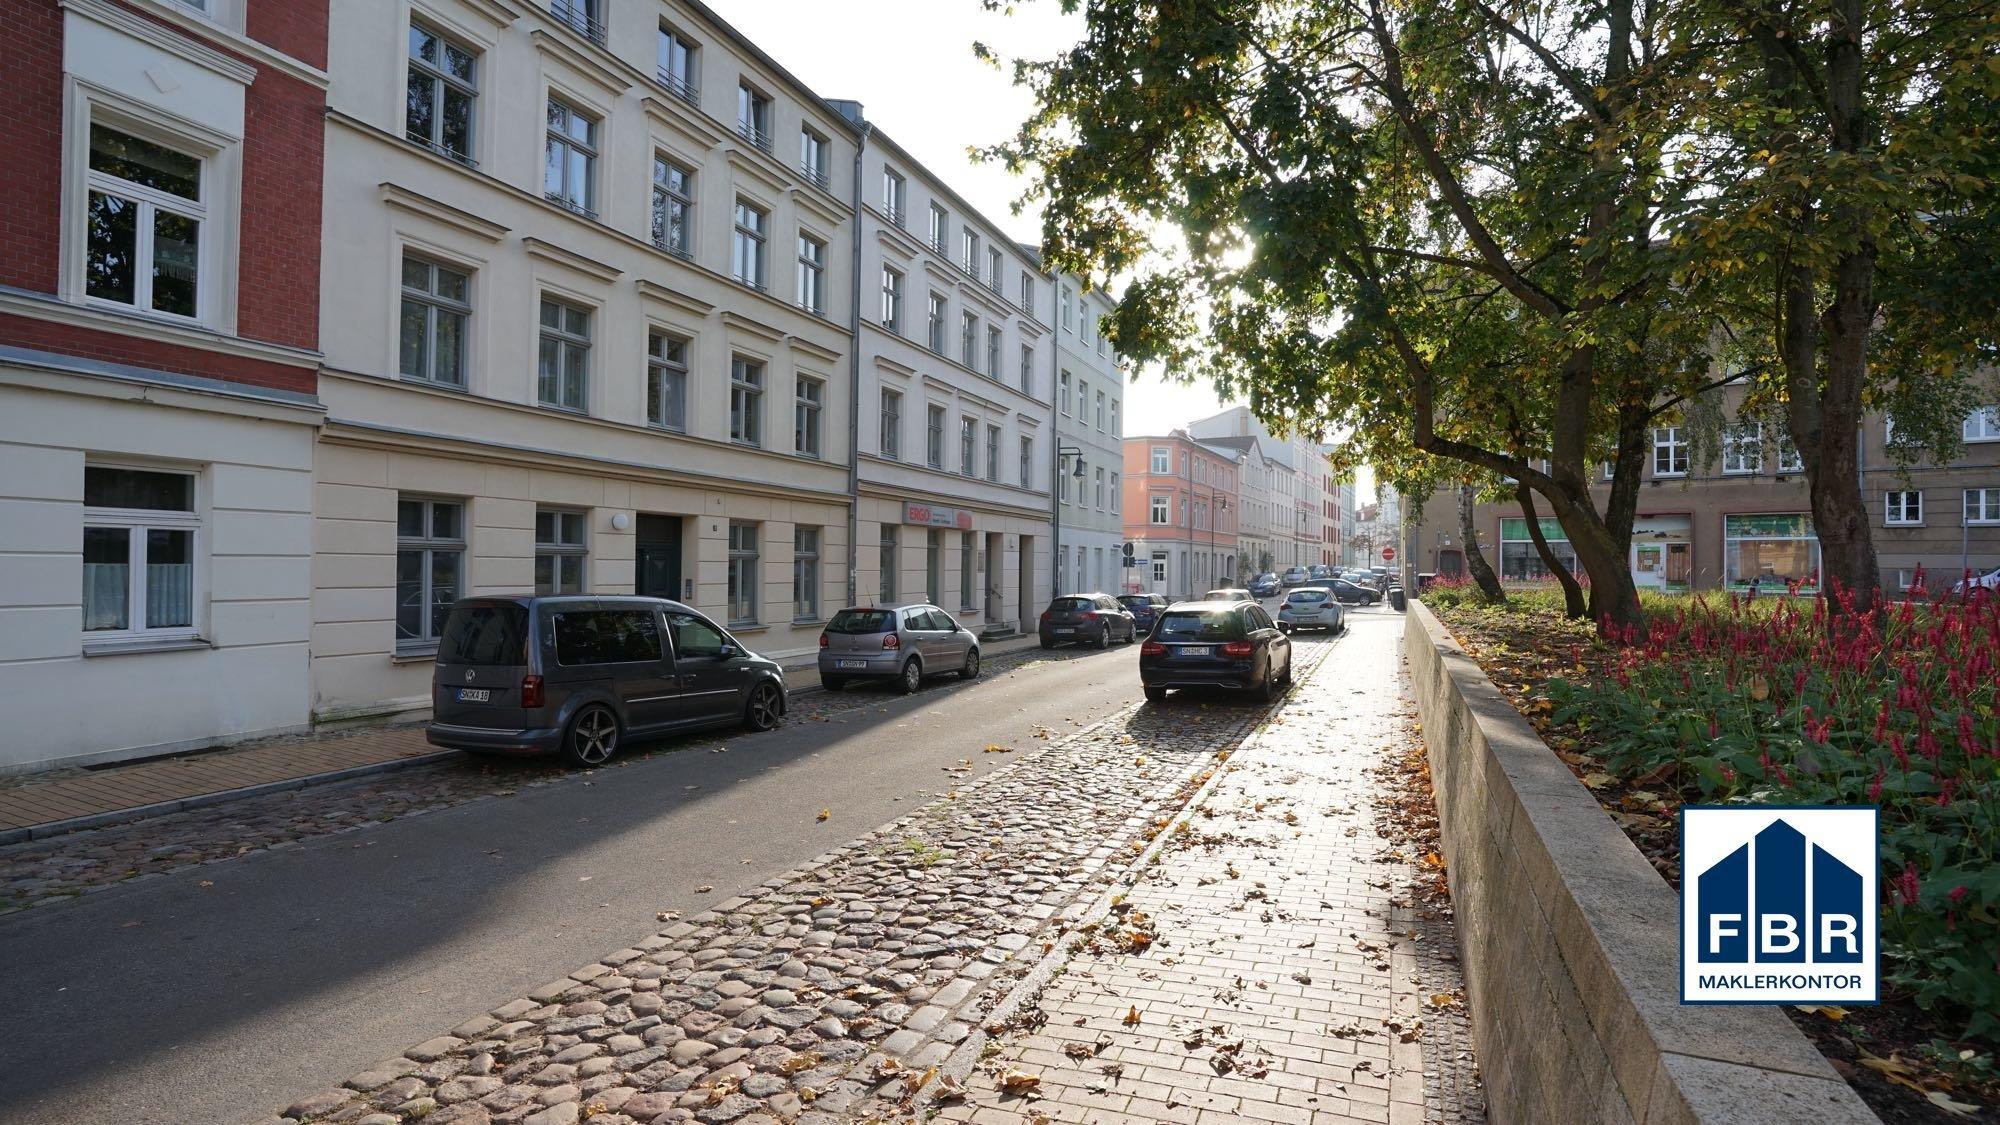 Straße vor dem Objekt